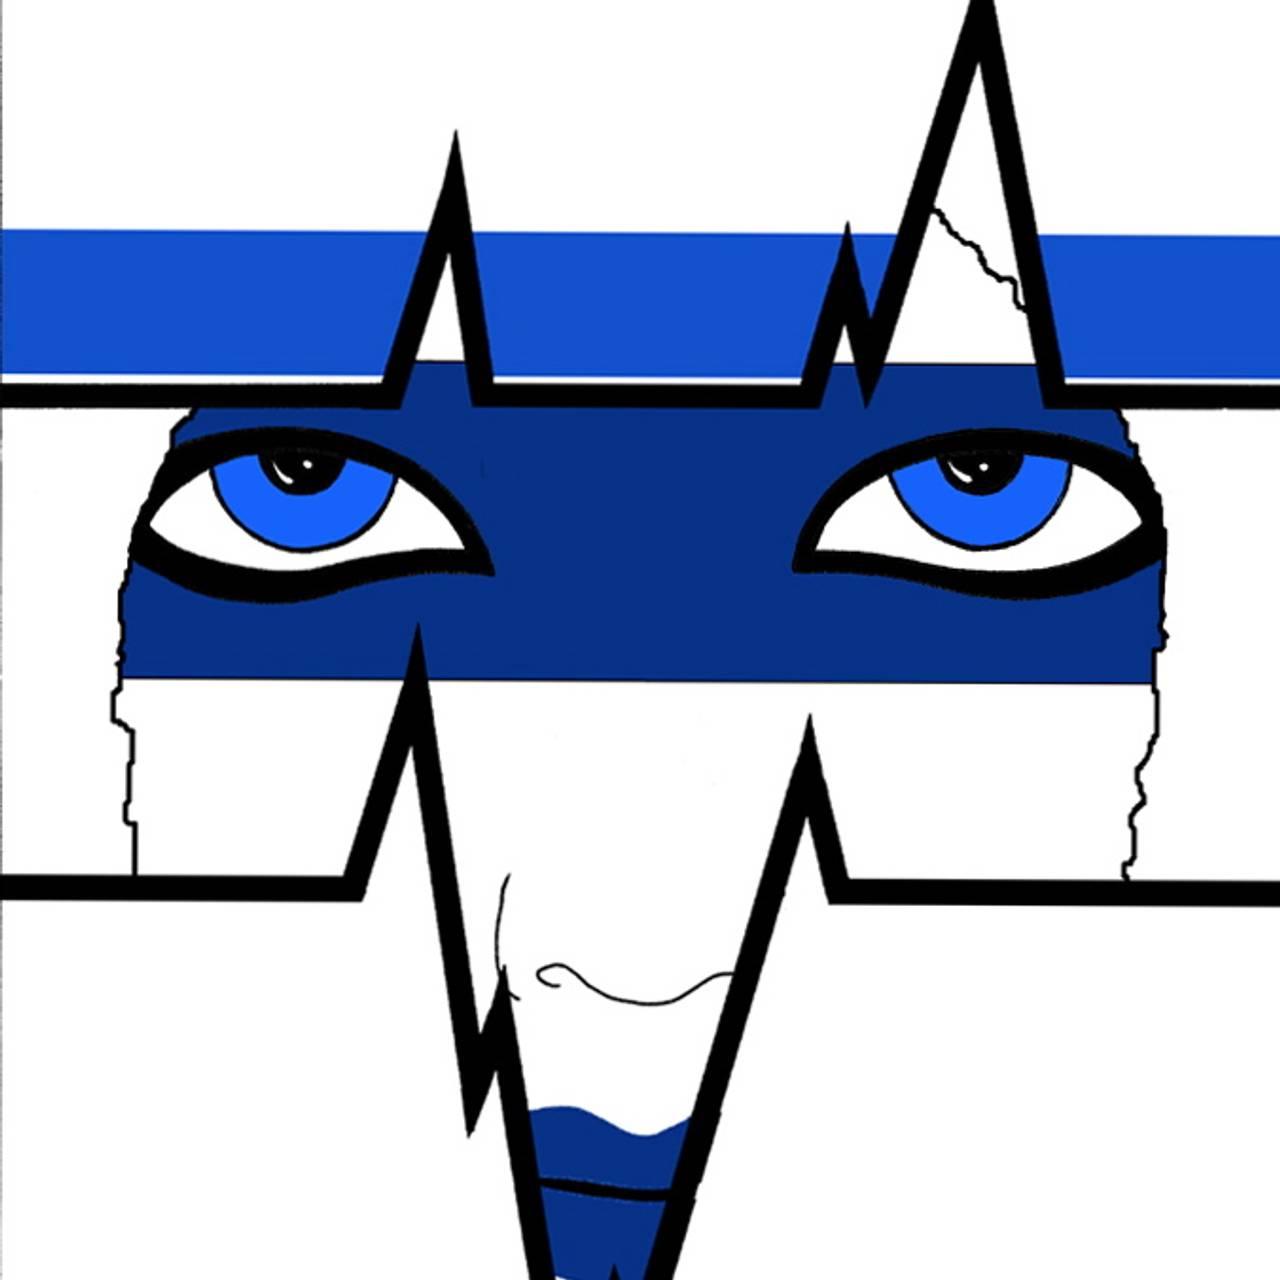 maleri i hvitt og blått hvor vi møter et par blå øyne som ser gjennom et blått bind for øynene, med hjerteslag-linjer som former åpningen foran ansiktet. Det virker dyreaktig. Sjamanistisk motiv